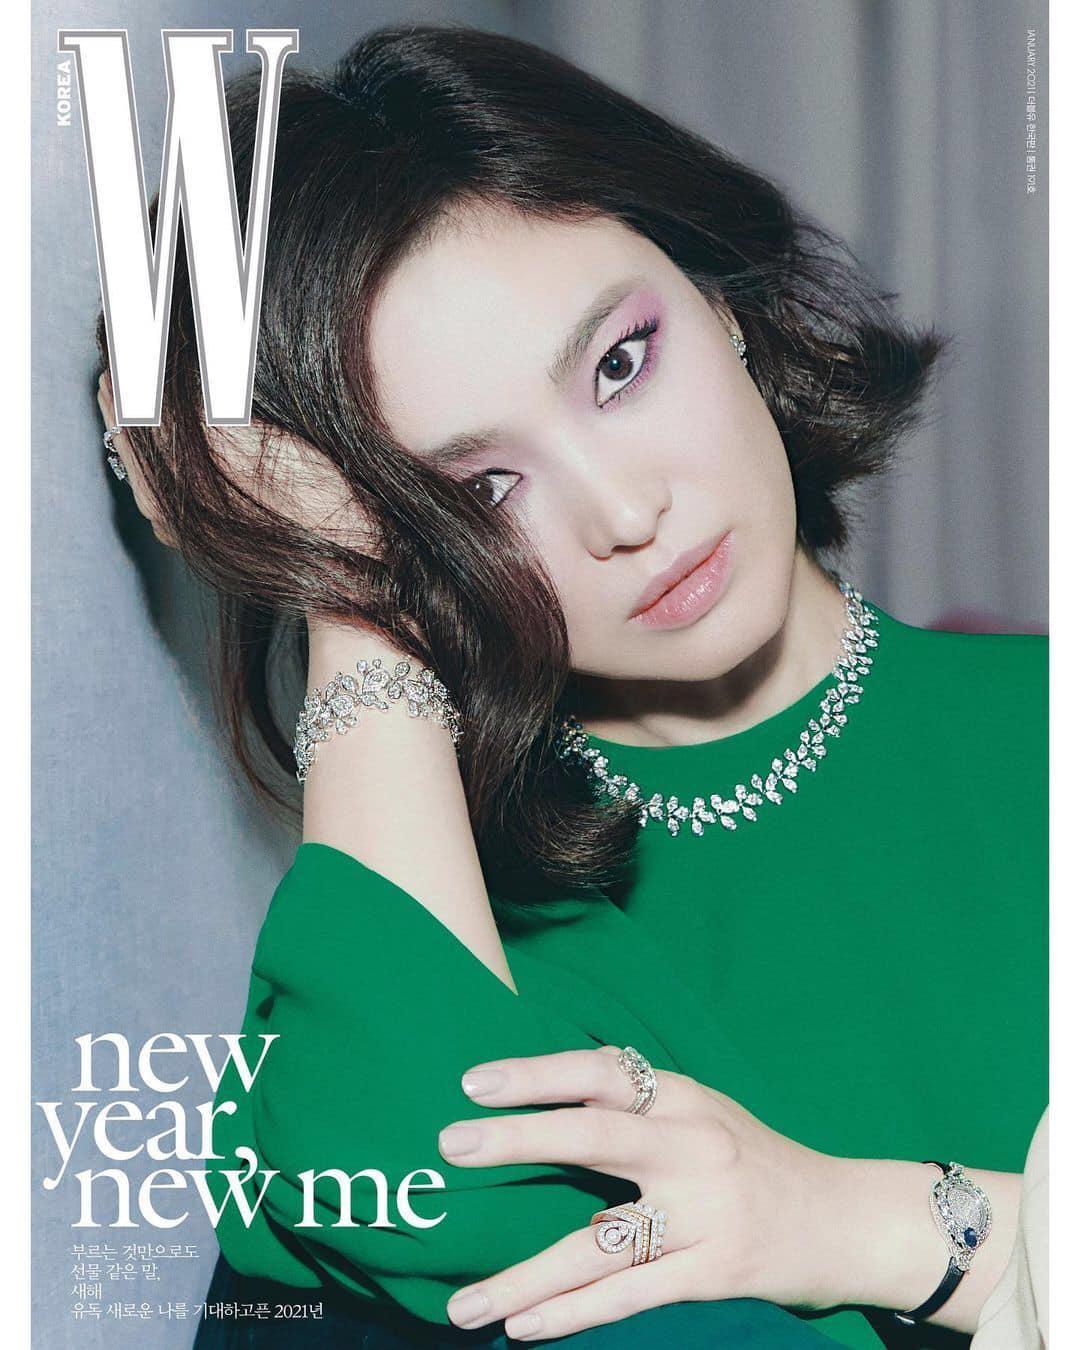 Bài phỏng vấn gây sốt của Song Hye Kyo: Lần đầu công khai nói về cuộc sống hậu ly hôn, dũng cảm nhắc tới tình yêu sau khi Song Joong Ki rời đi-2